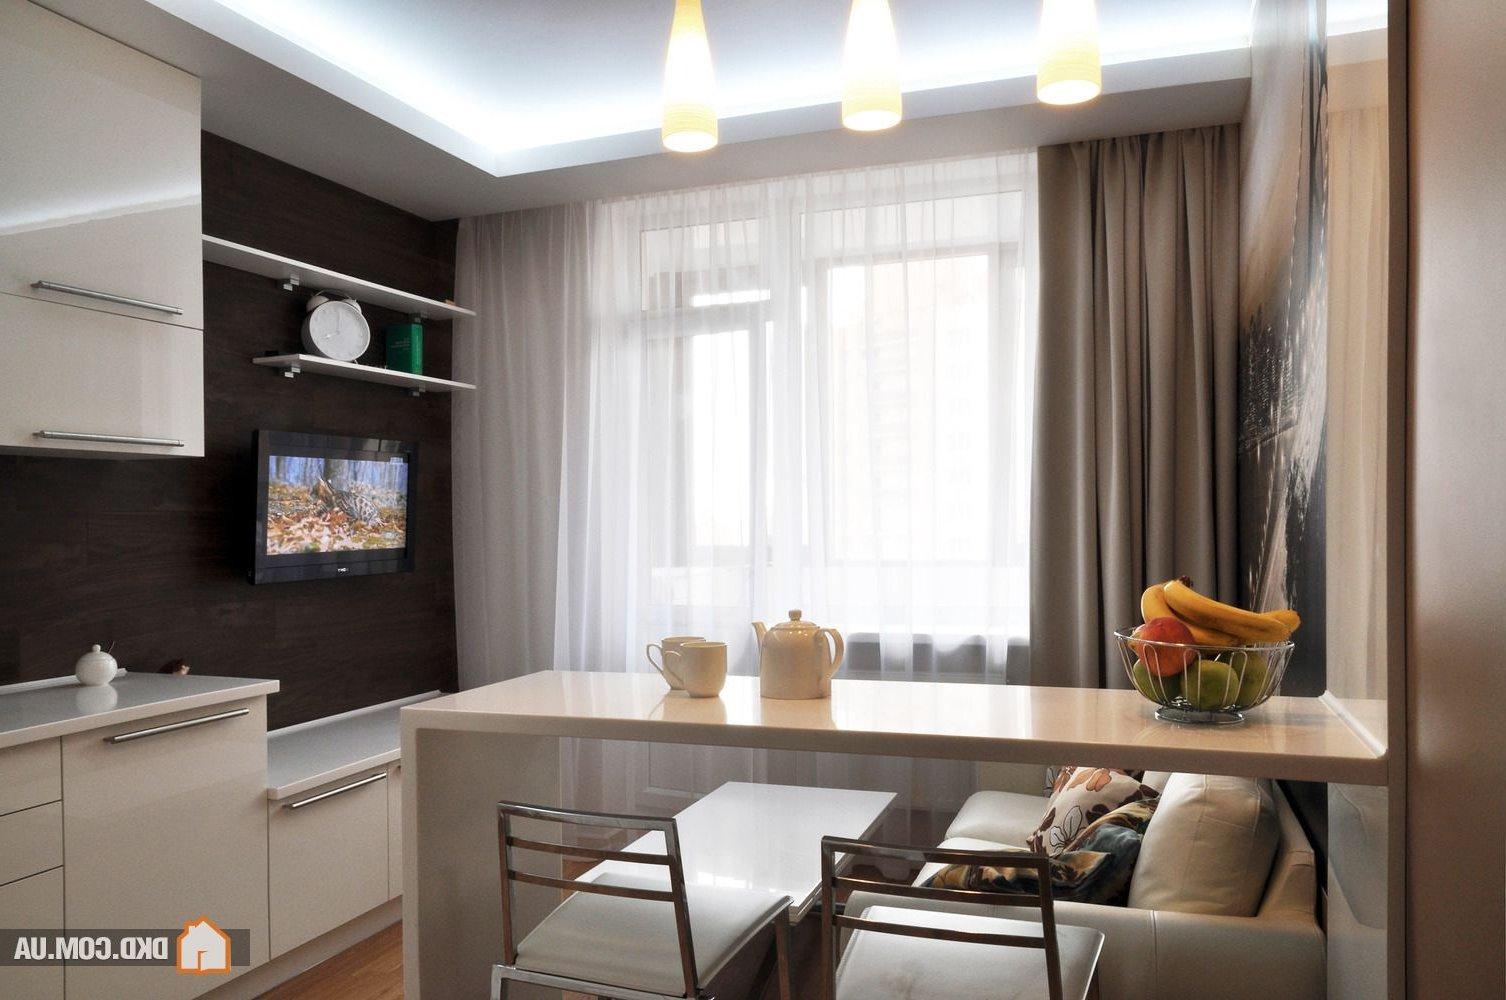 Кухня-гостиная 13 метров: 26 тыс изображений найдено в Яндек.